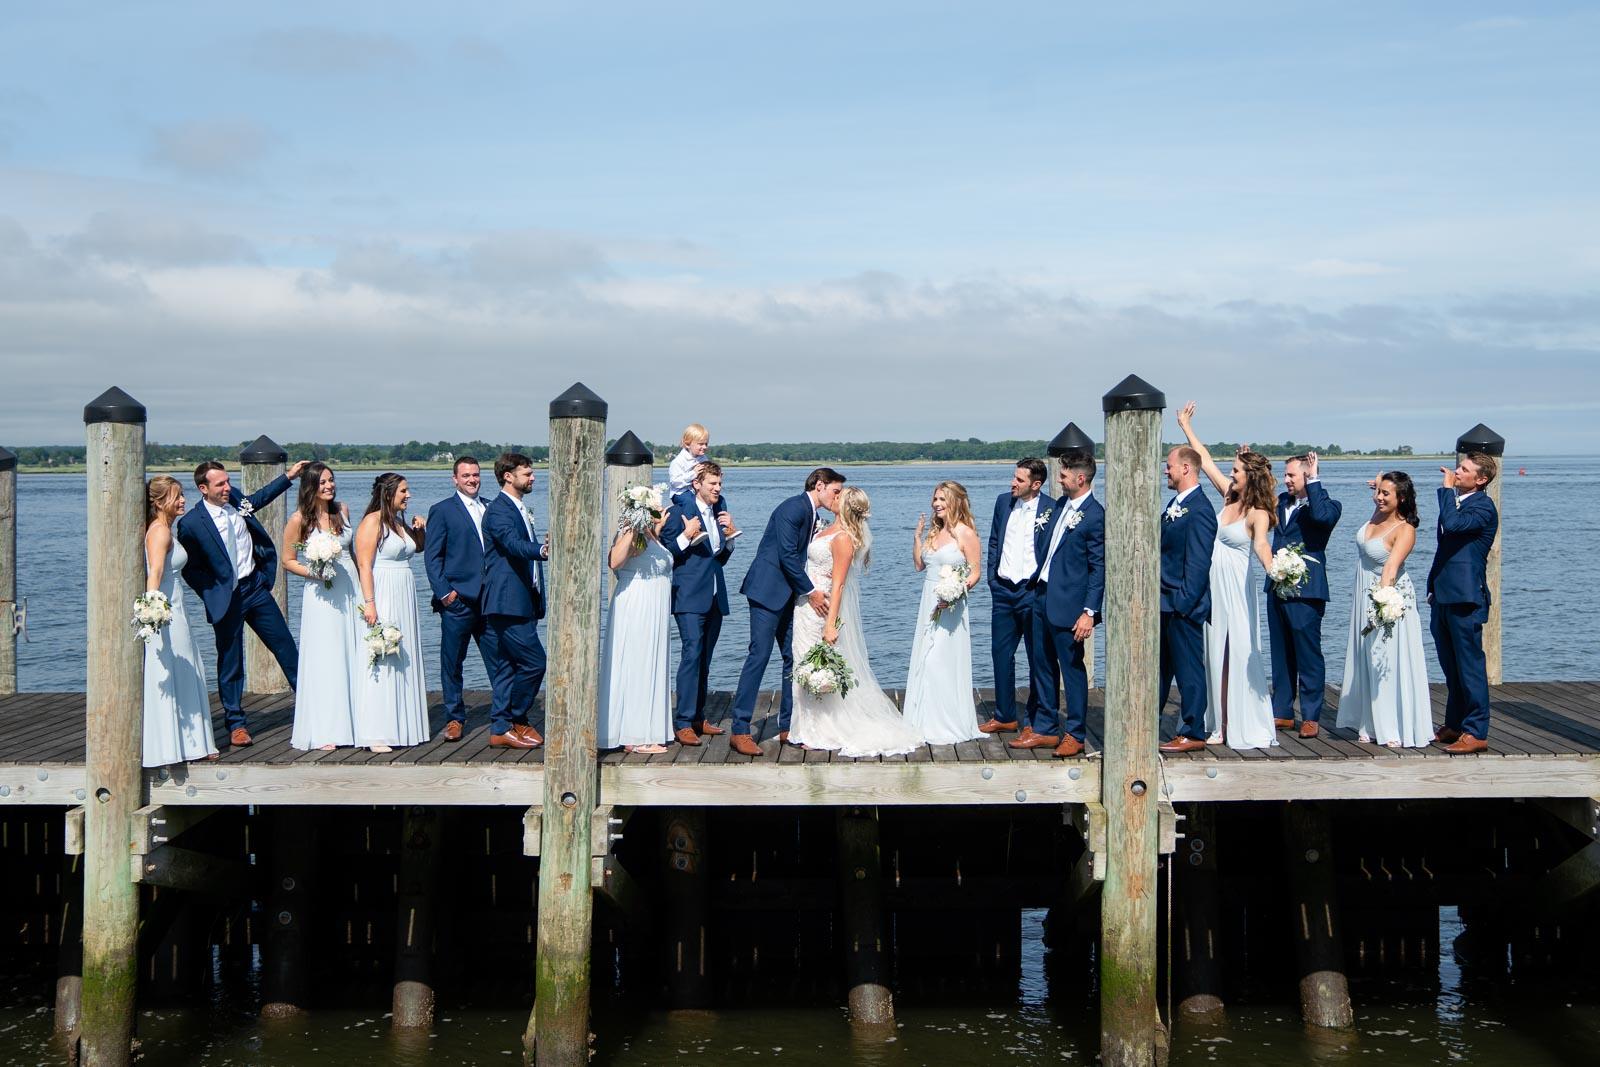 fun wedding part pose